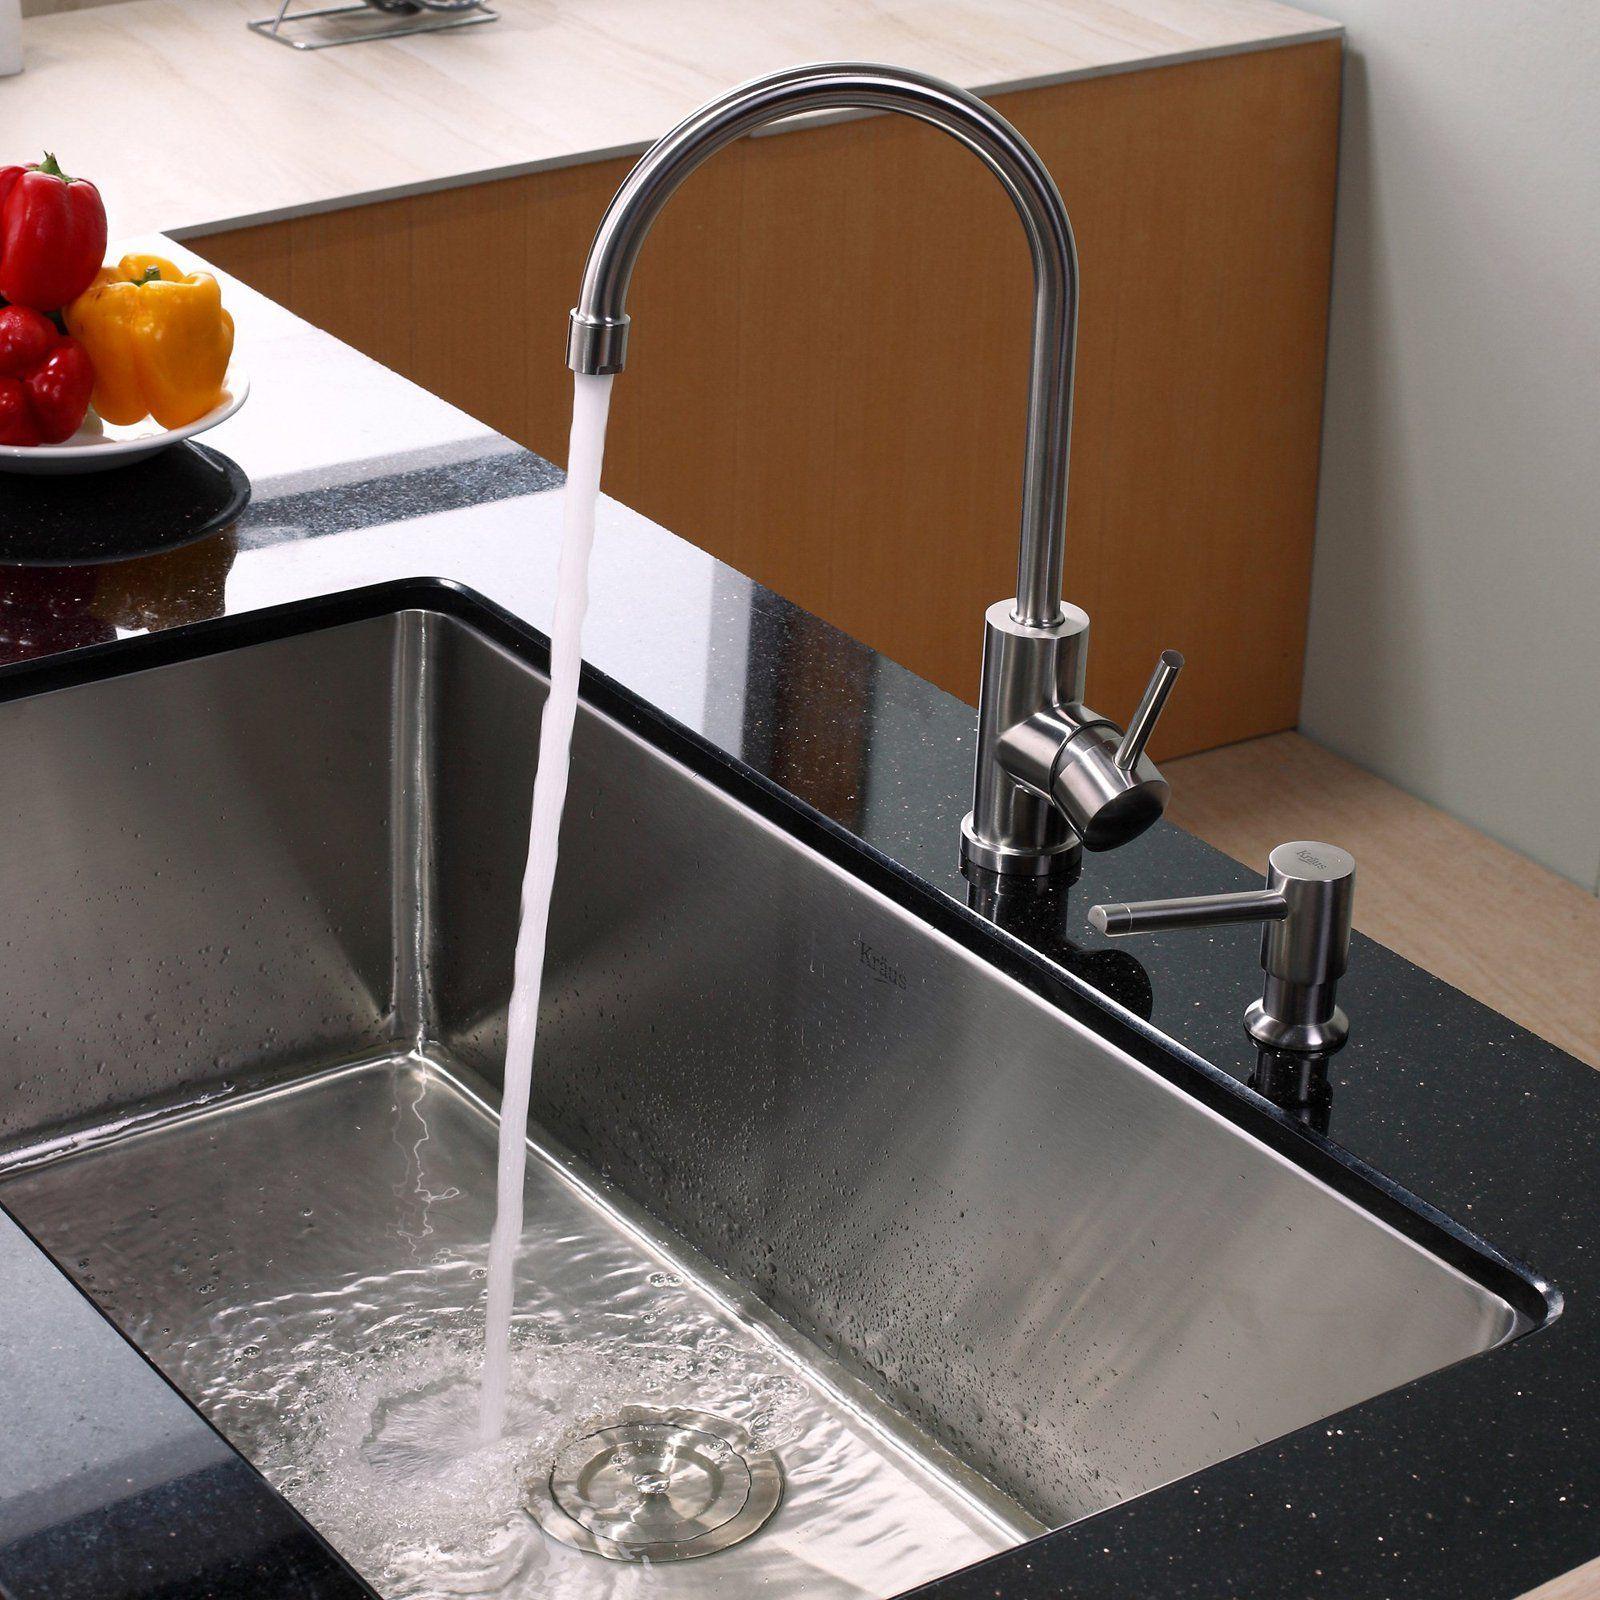 Kraus Khu100 32 Kpf2160 Sd20 Single Basin Undermount Kitchen Sink